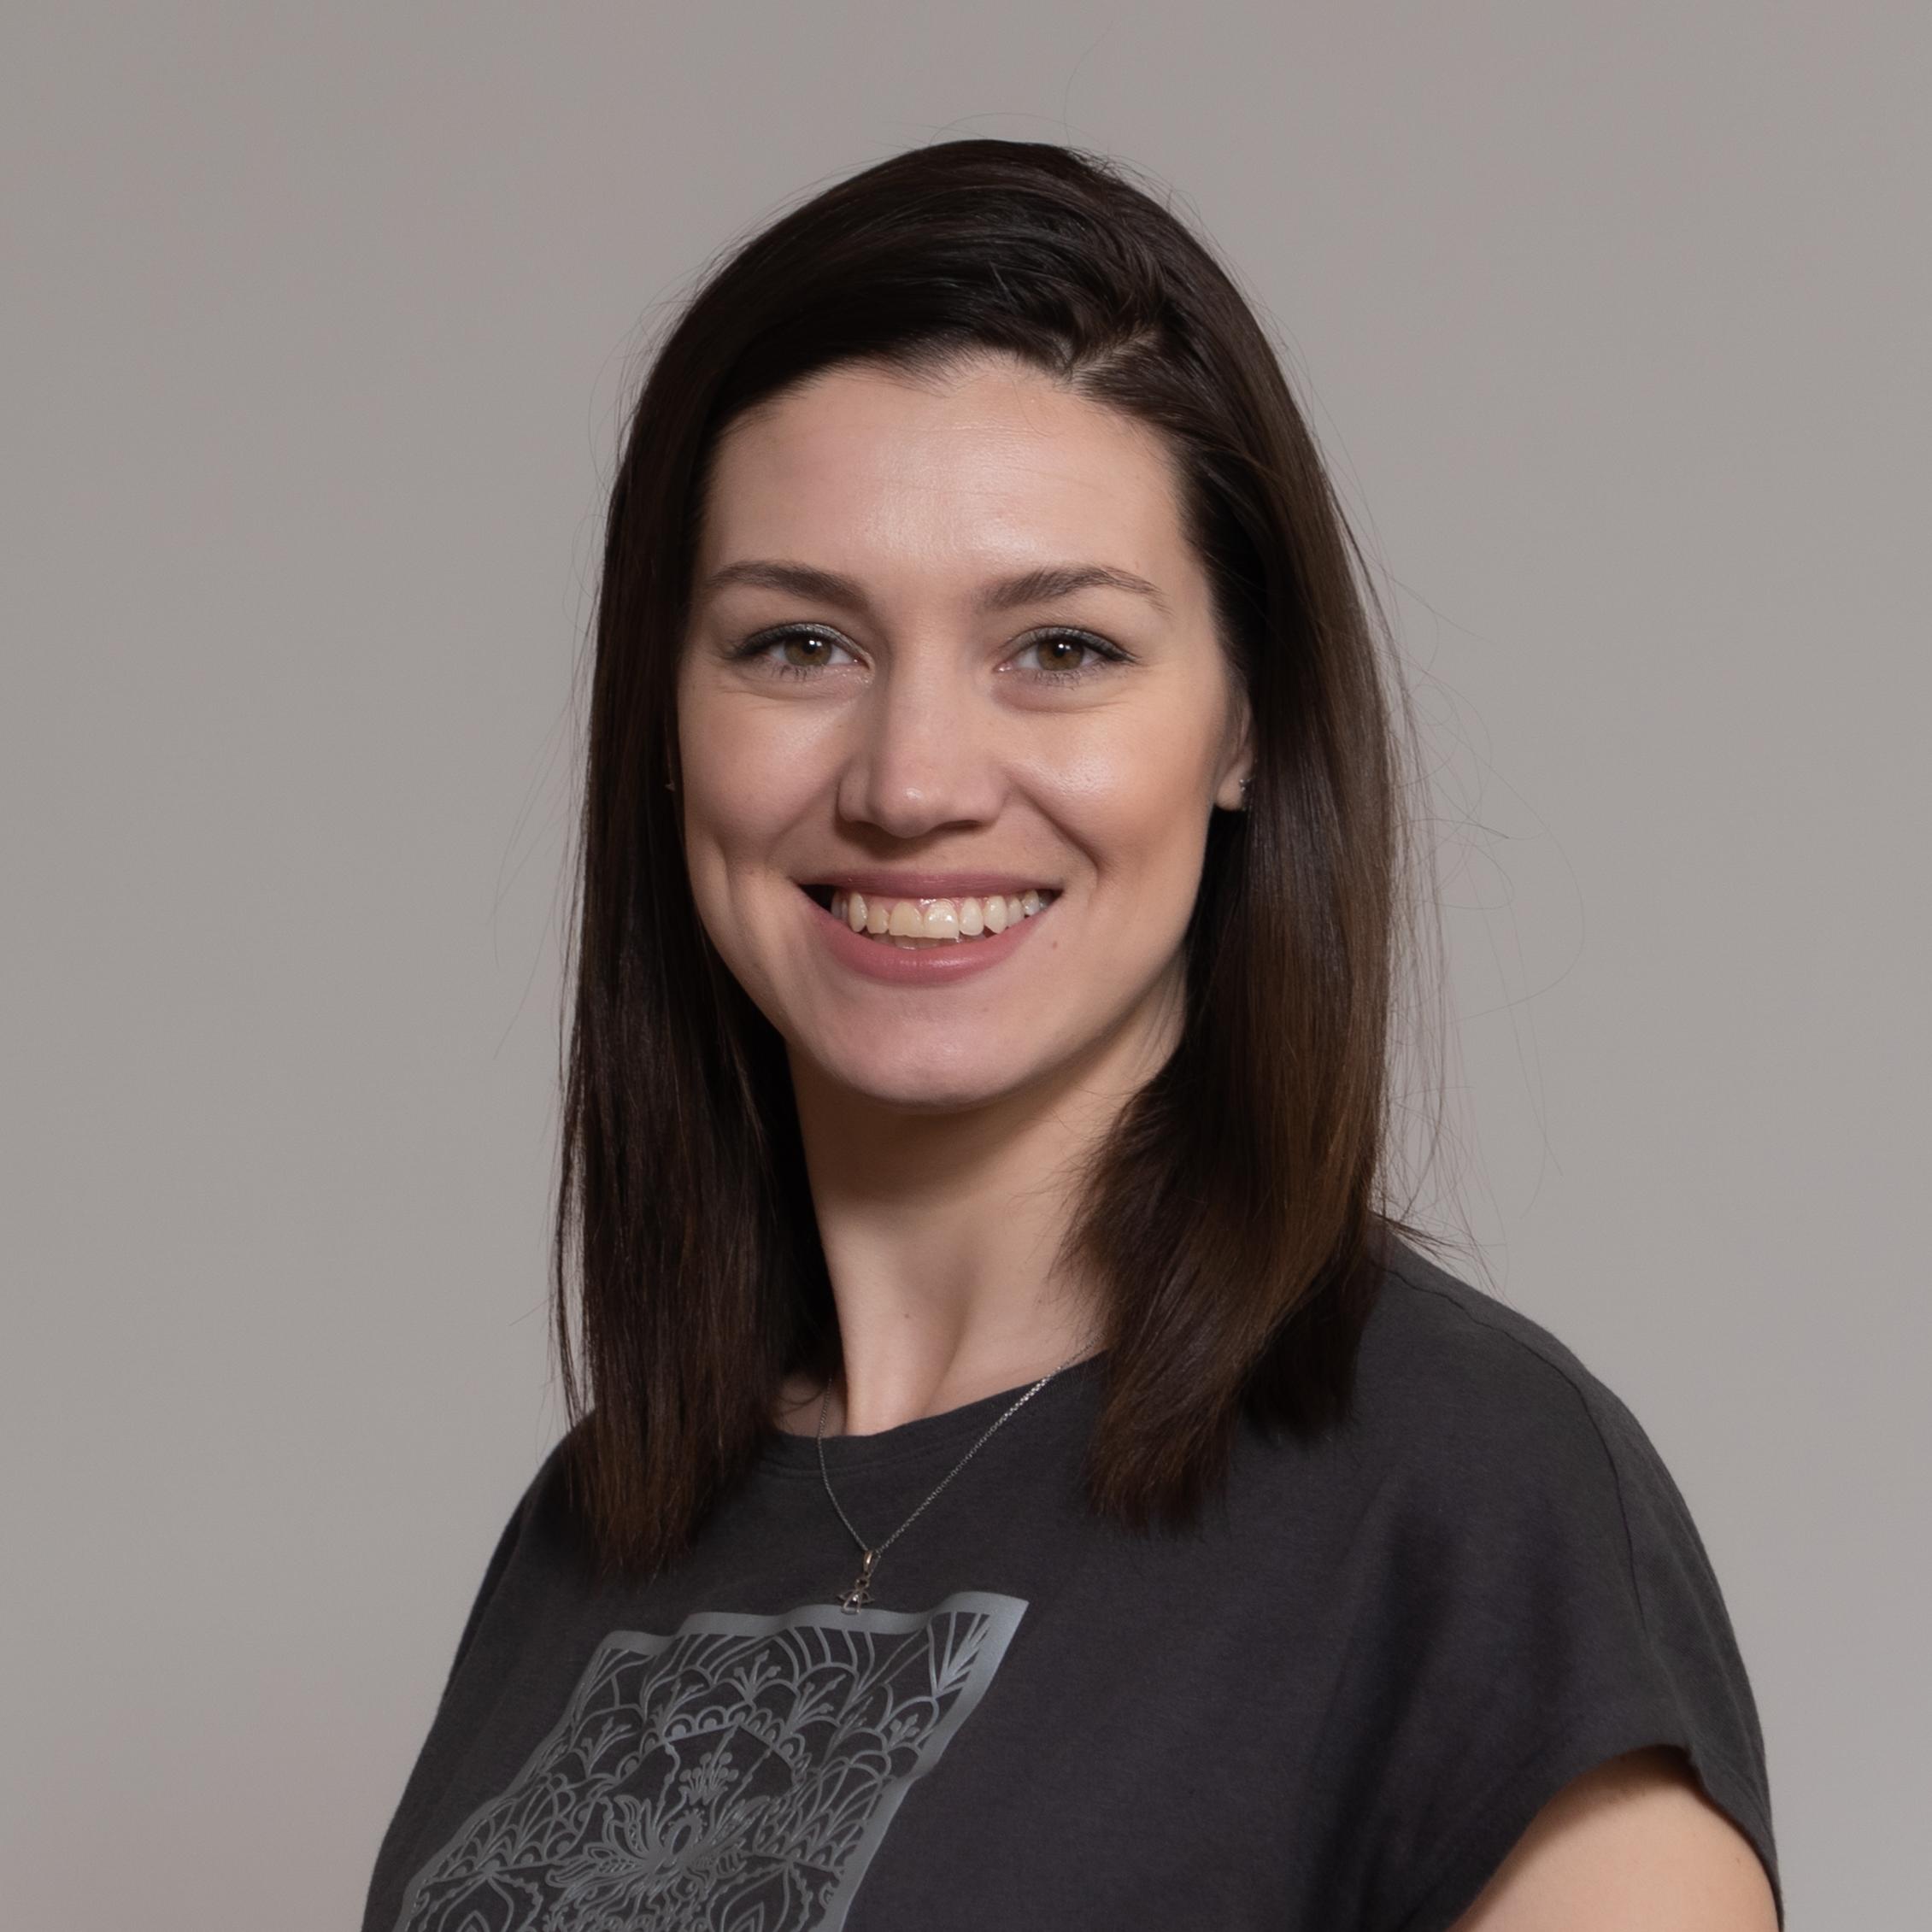 Karina Oboimova